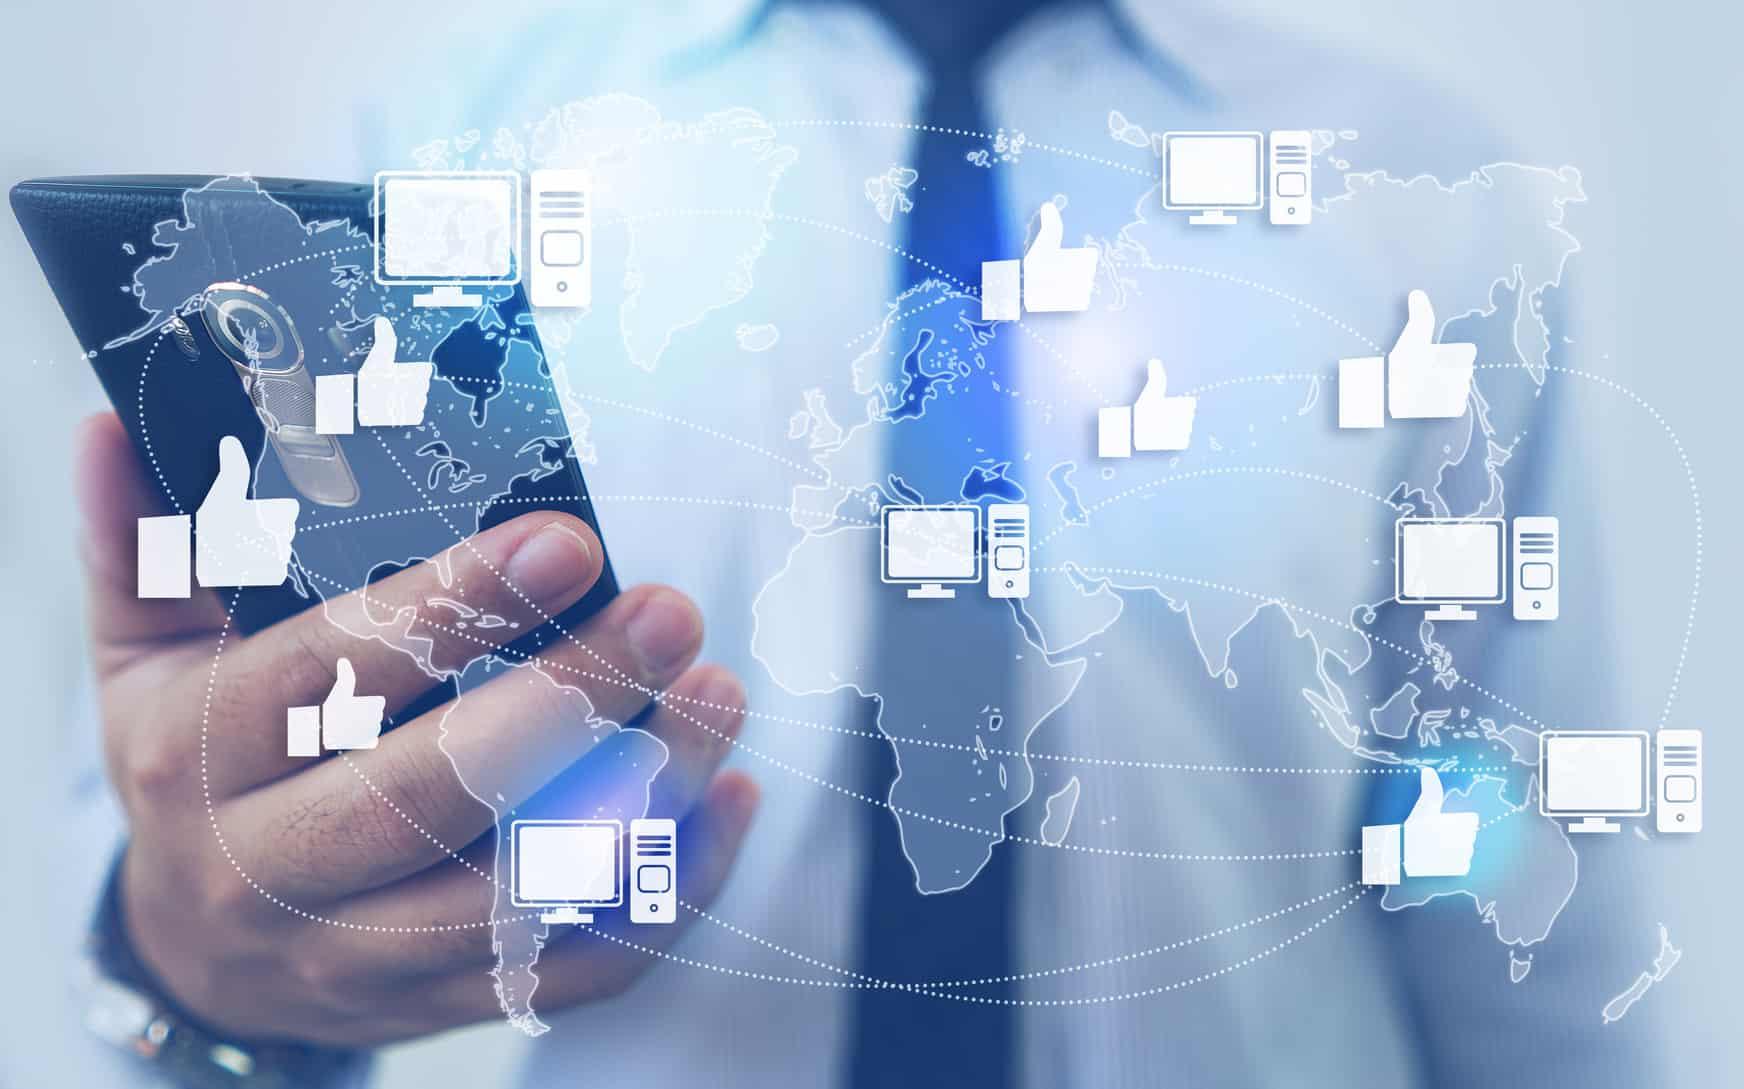 La semana pasada, escribí aquí sobre el escenario regulatorio que se perfila para las plataformas digitales, particularmente a partir de todas las revelaciones que han ocurrido en torno al caso Facebook-Cambridge Analytica.